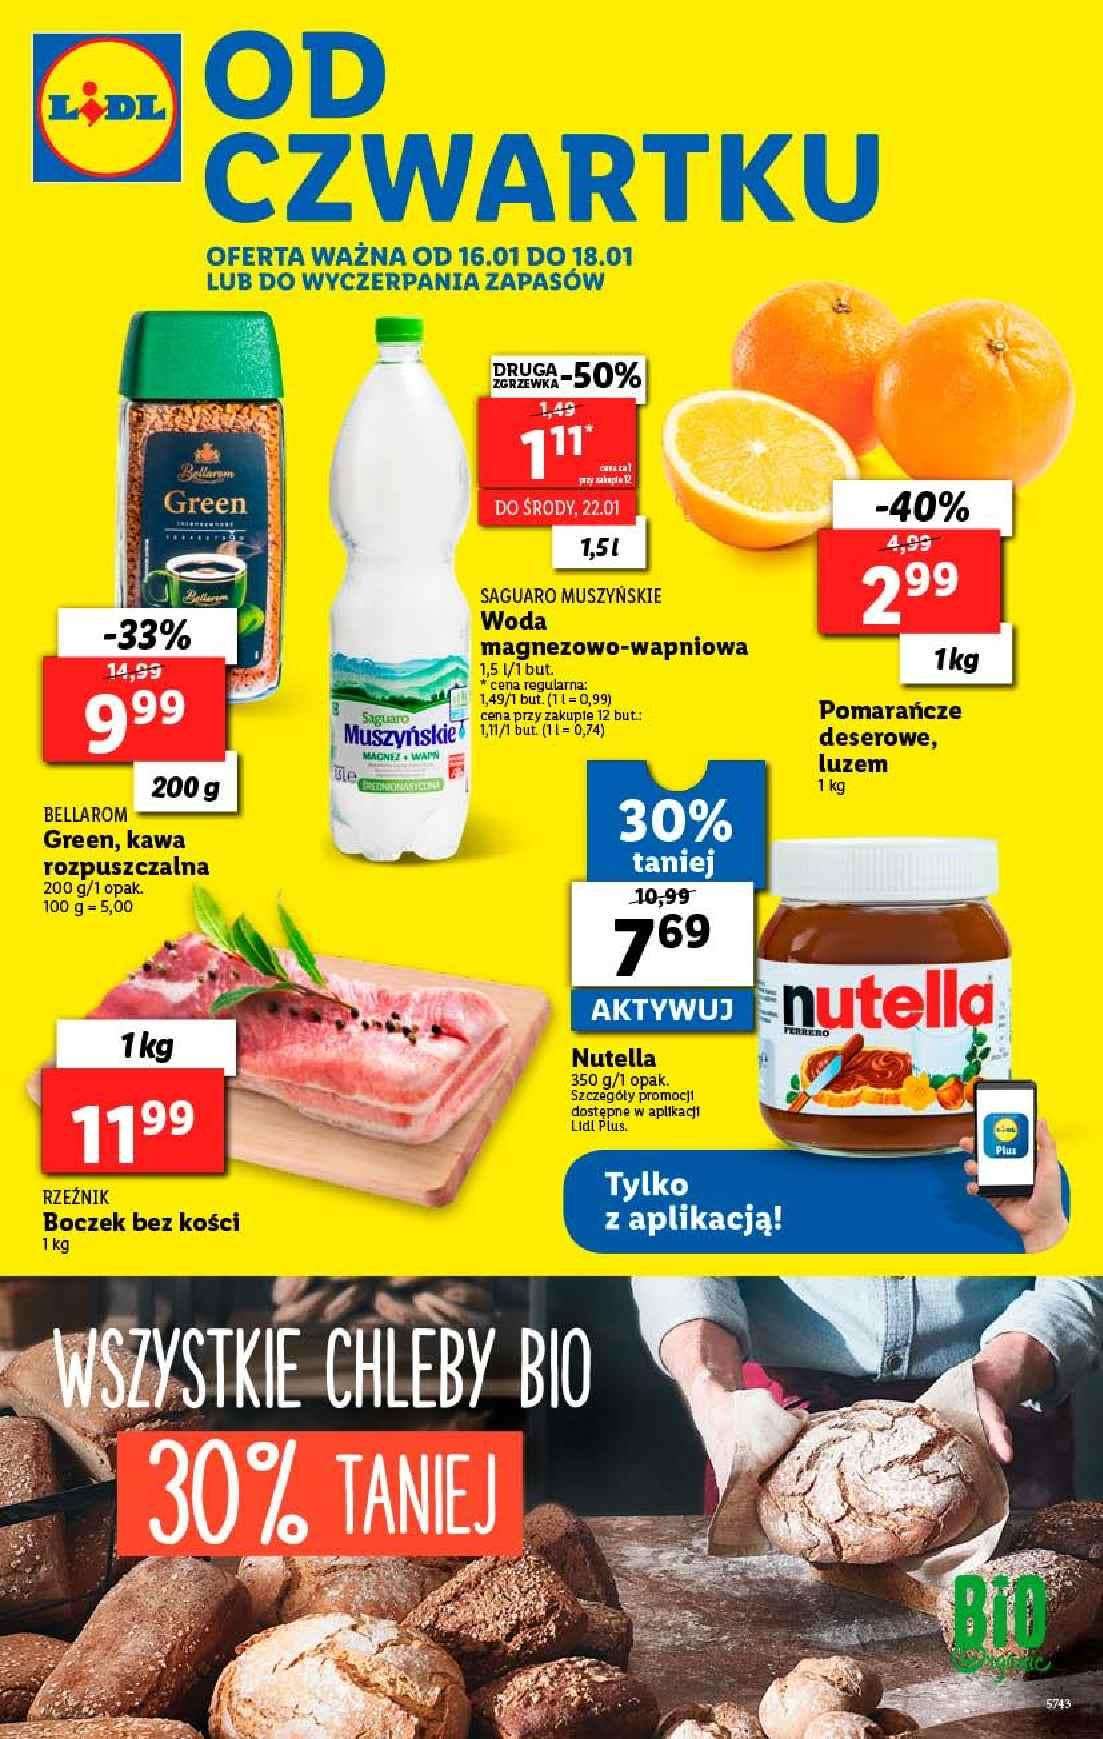 Gazetka promocyjna Lidl do 18/01/2020 str.1